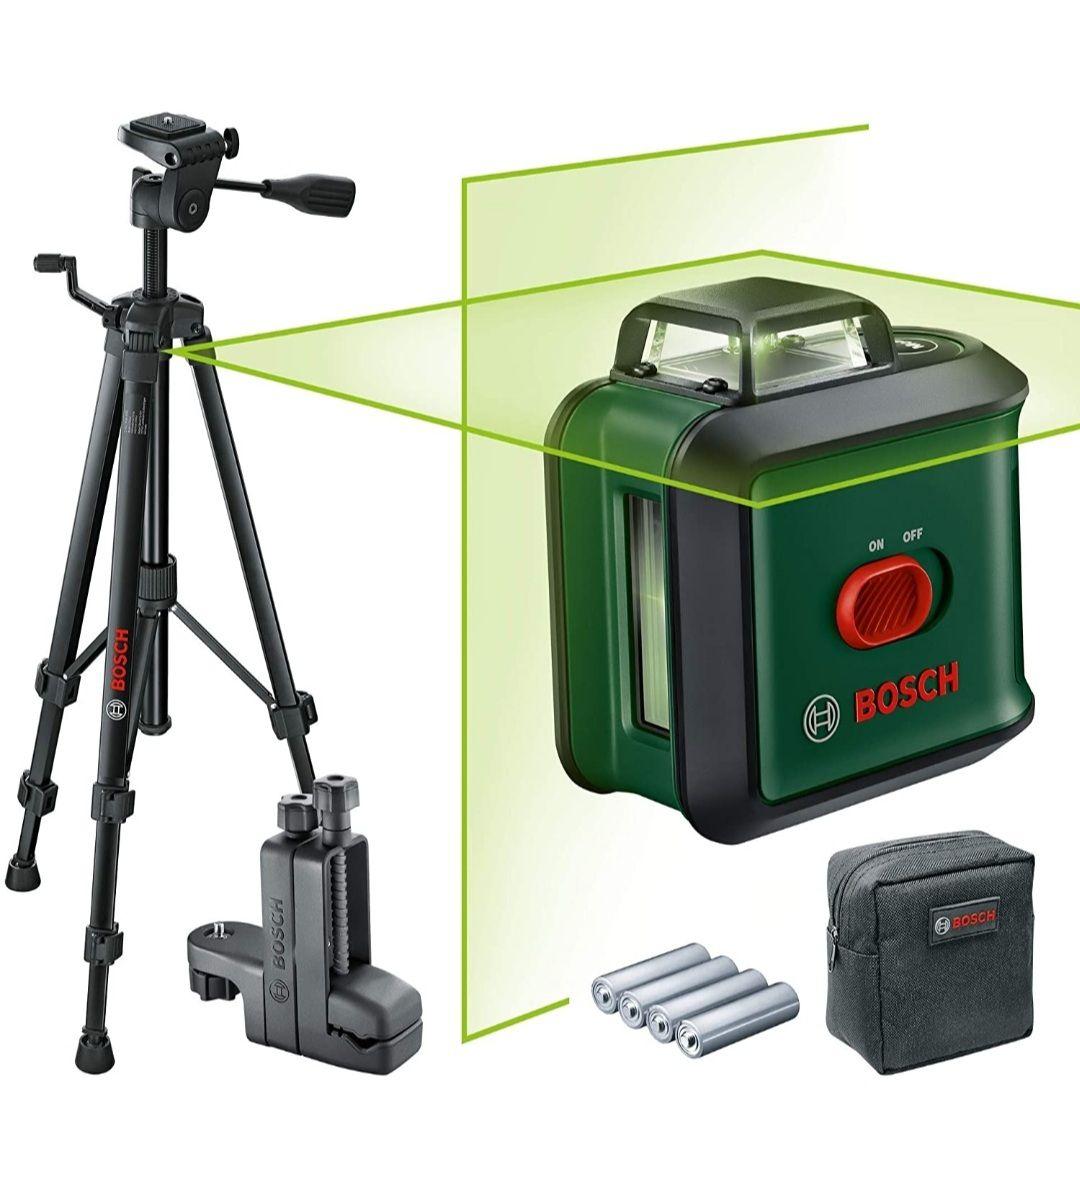 Bosch cross line laser UniversalLevel 360 Premium Set